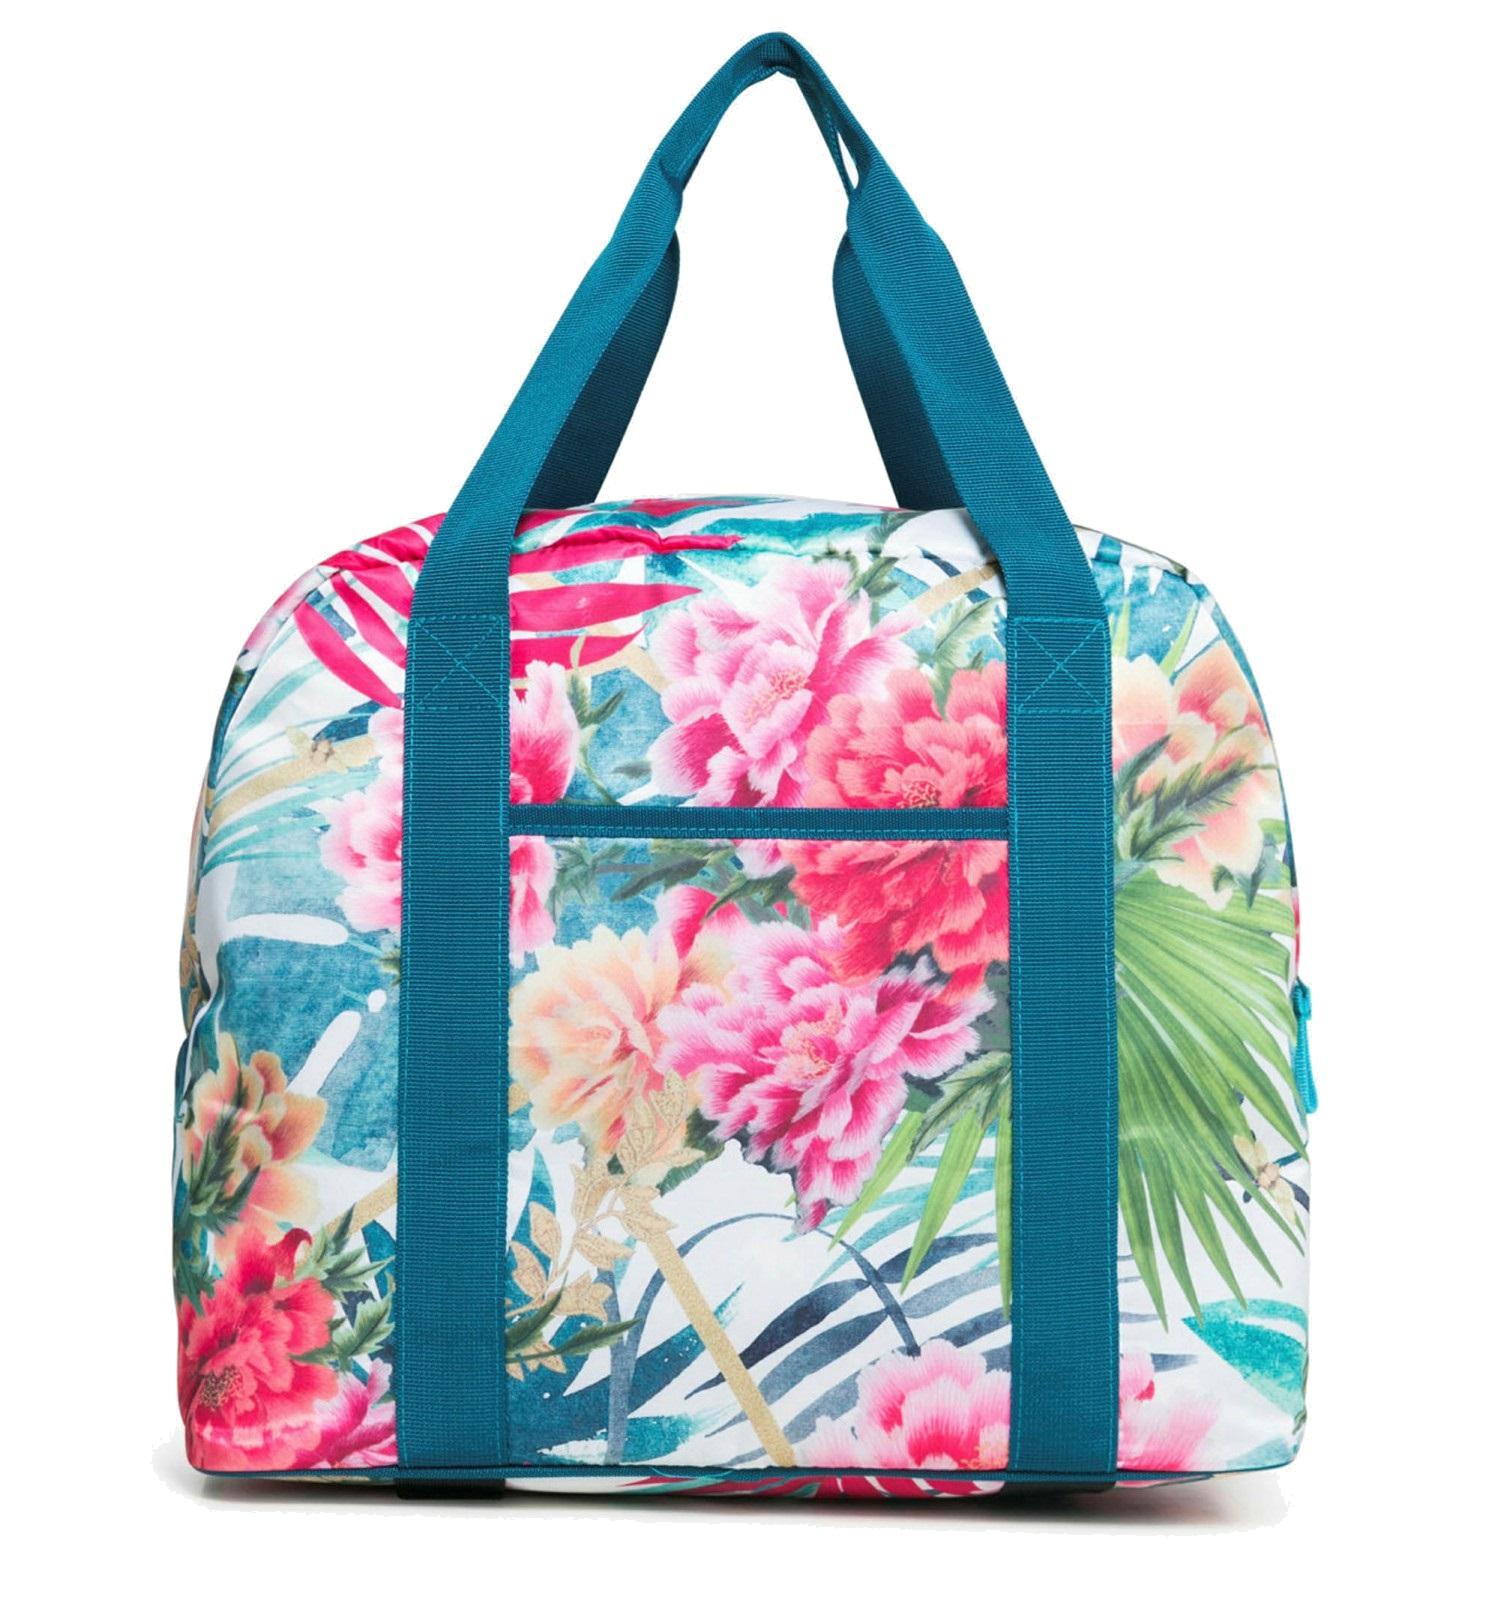 Desigual Oriental Shoulder Bag Sporttasche Schultertasche Tasche Blanco Weiß